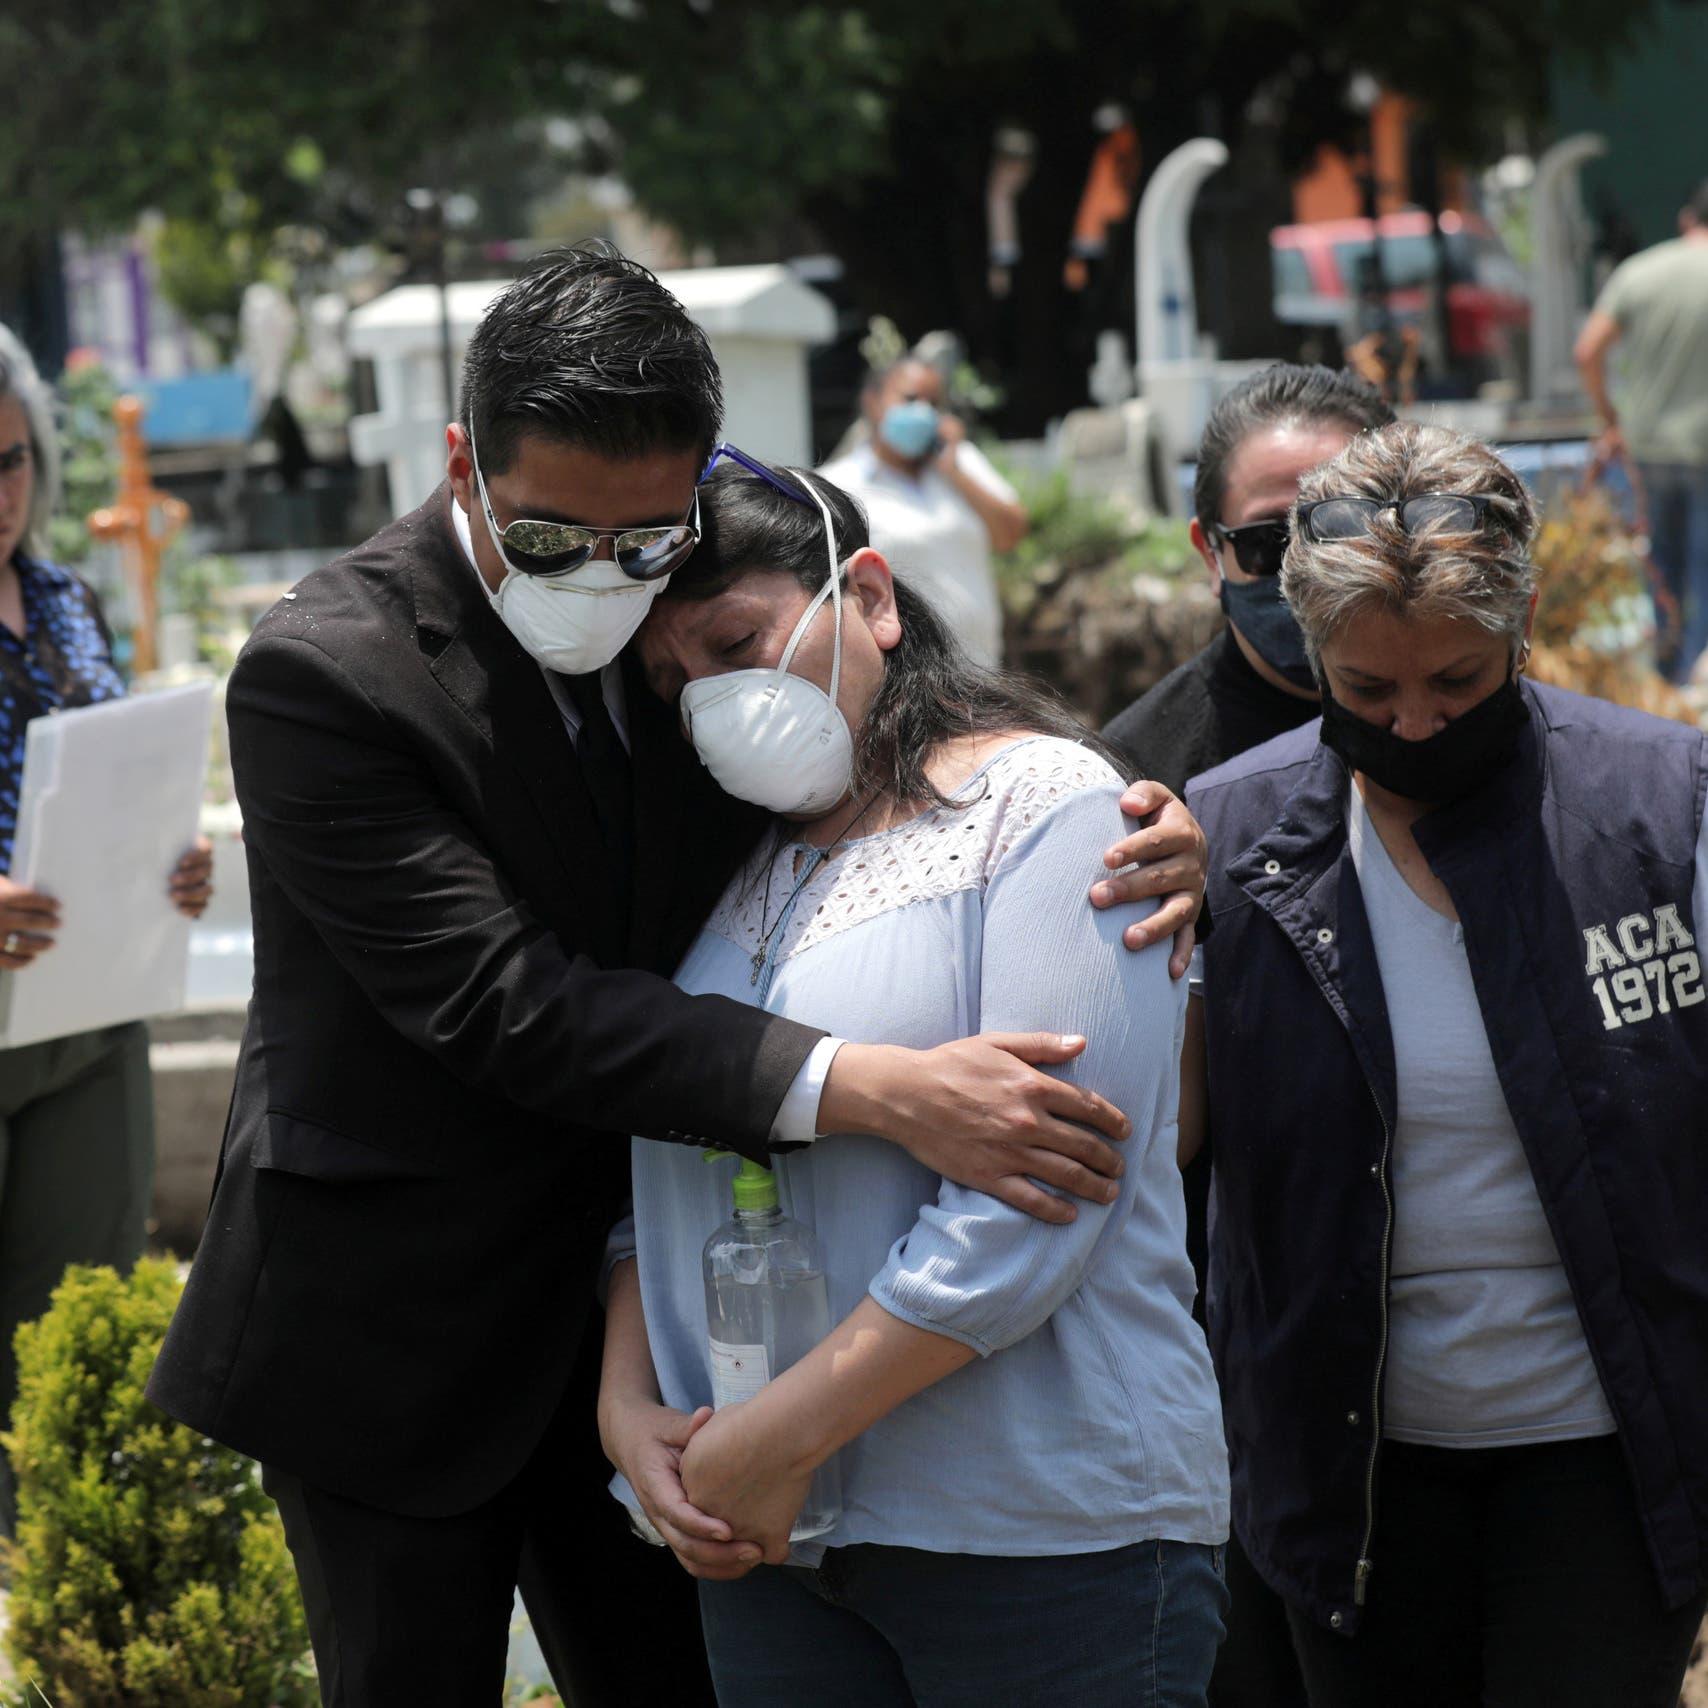 إصابات كورونا تتجاوز 21 مليوناً.. والصحة العالمية تحذر الأميركتين